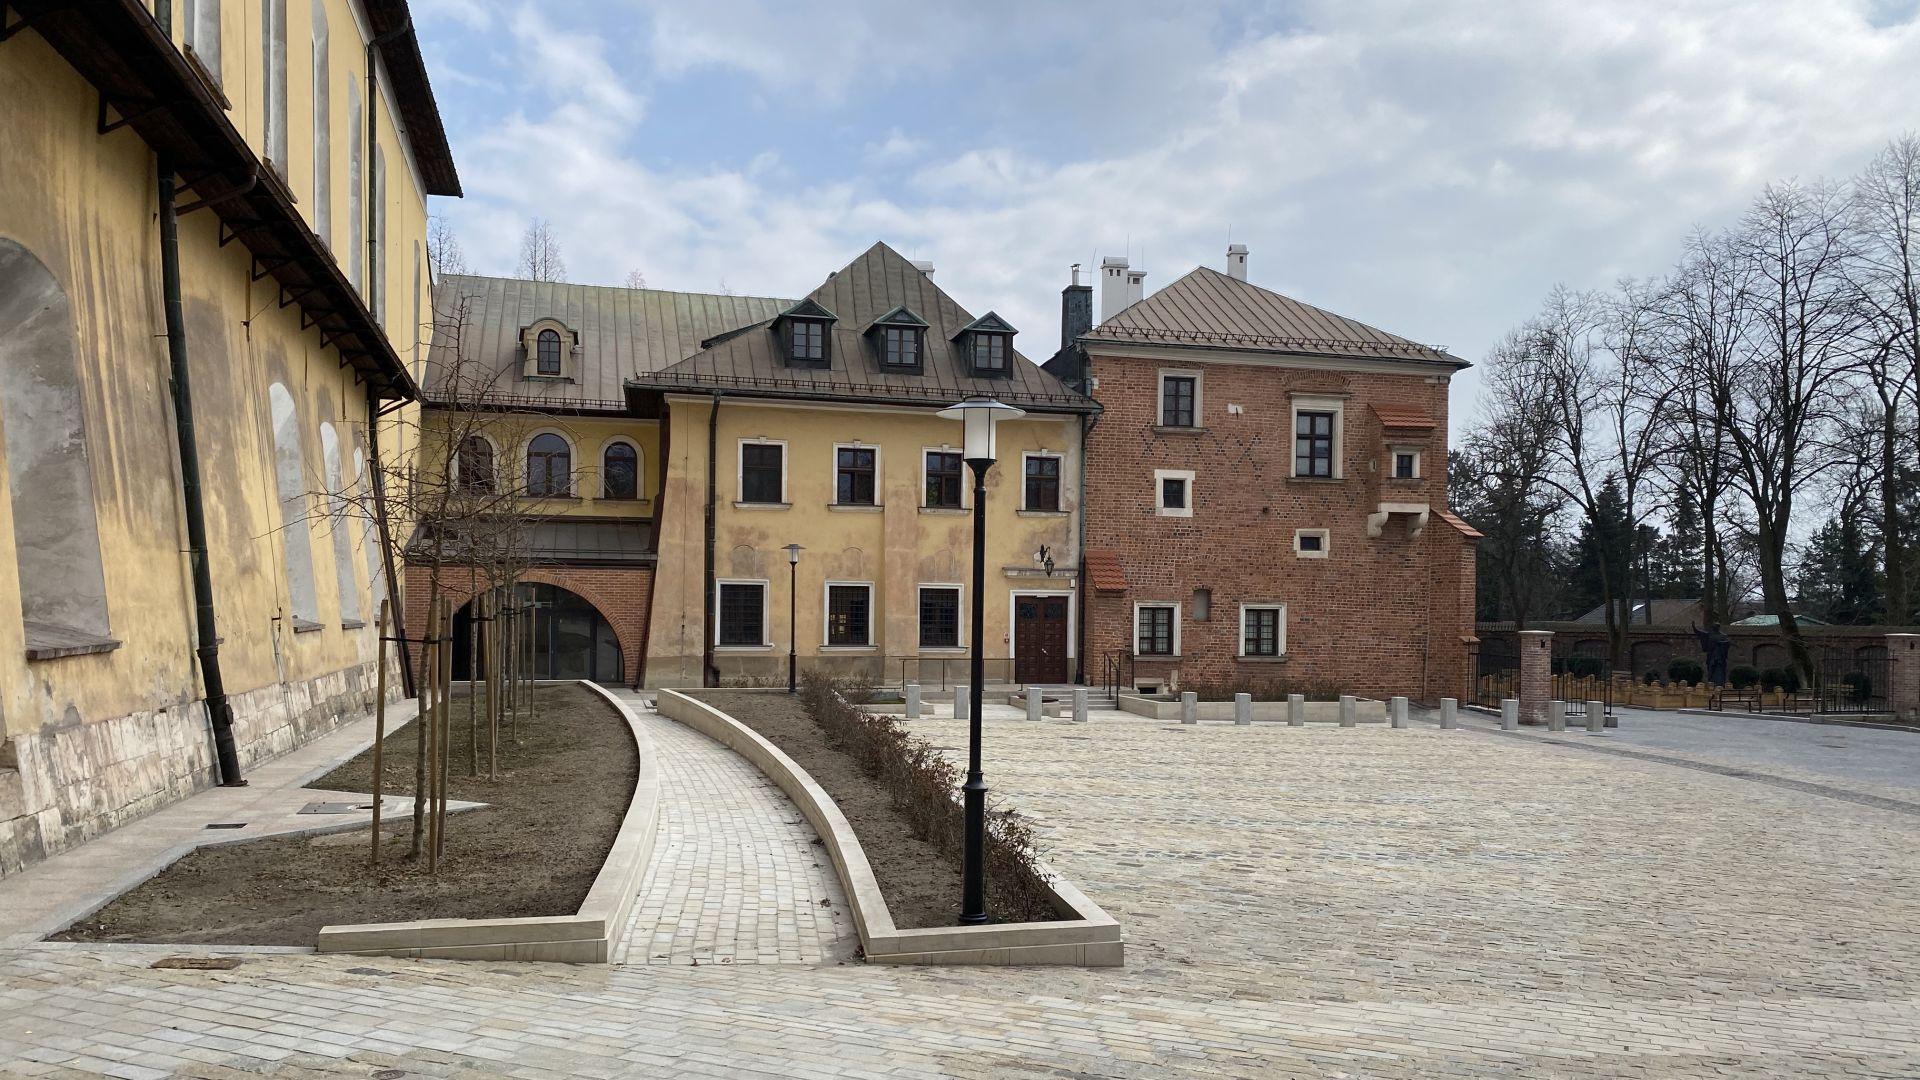 Podpisanie umowy na kompleksowe wykonanie ekspozycji dla Muzeum Cystersów w Krakowie-Mogile